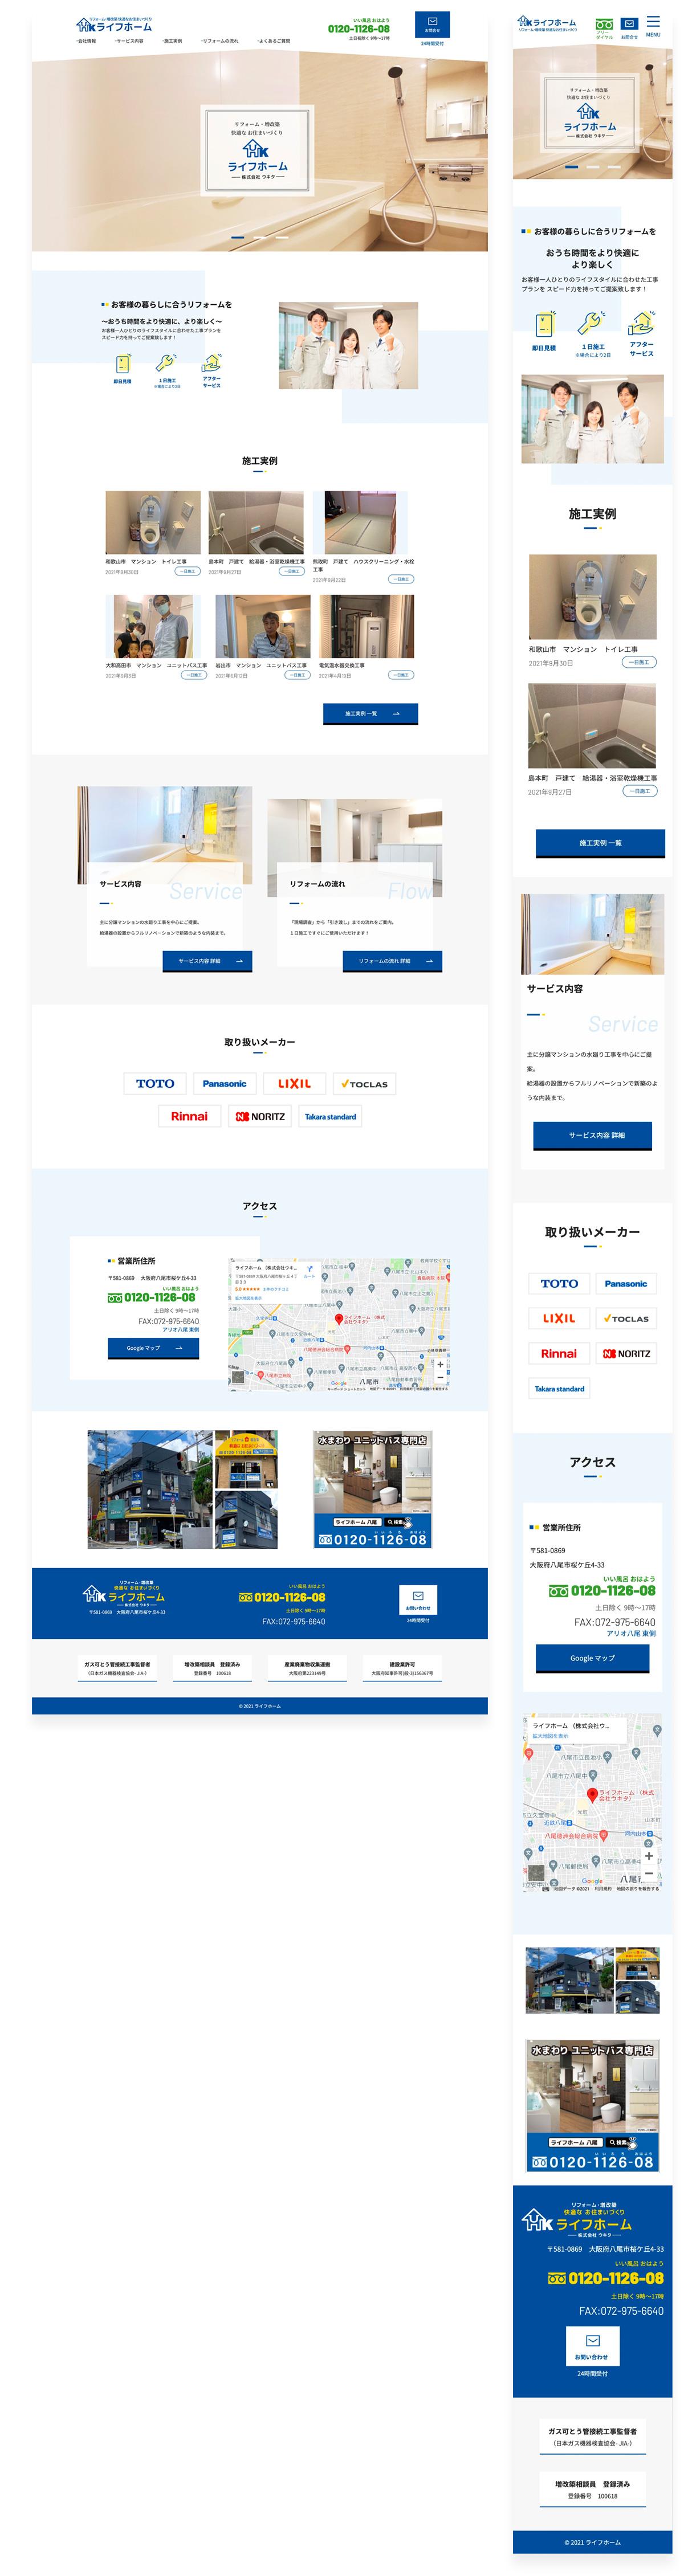 Life Home デザイン画像